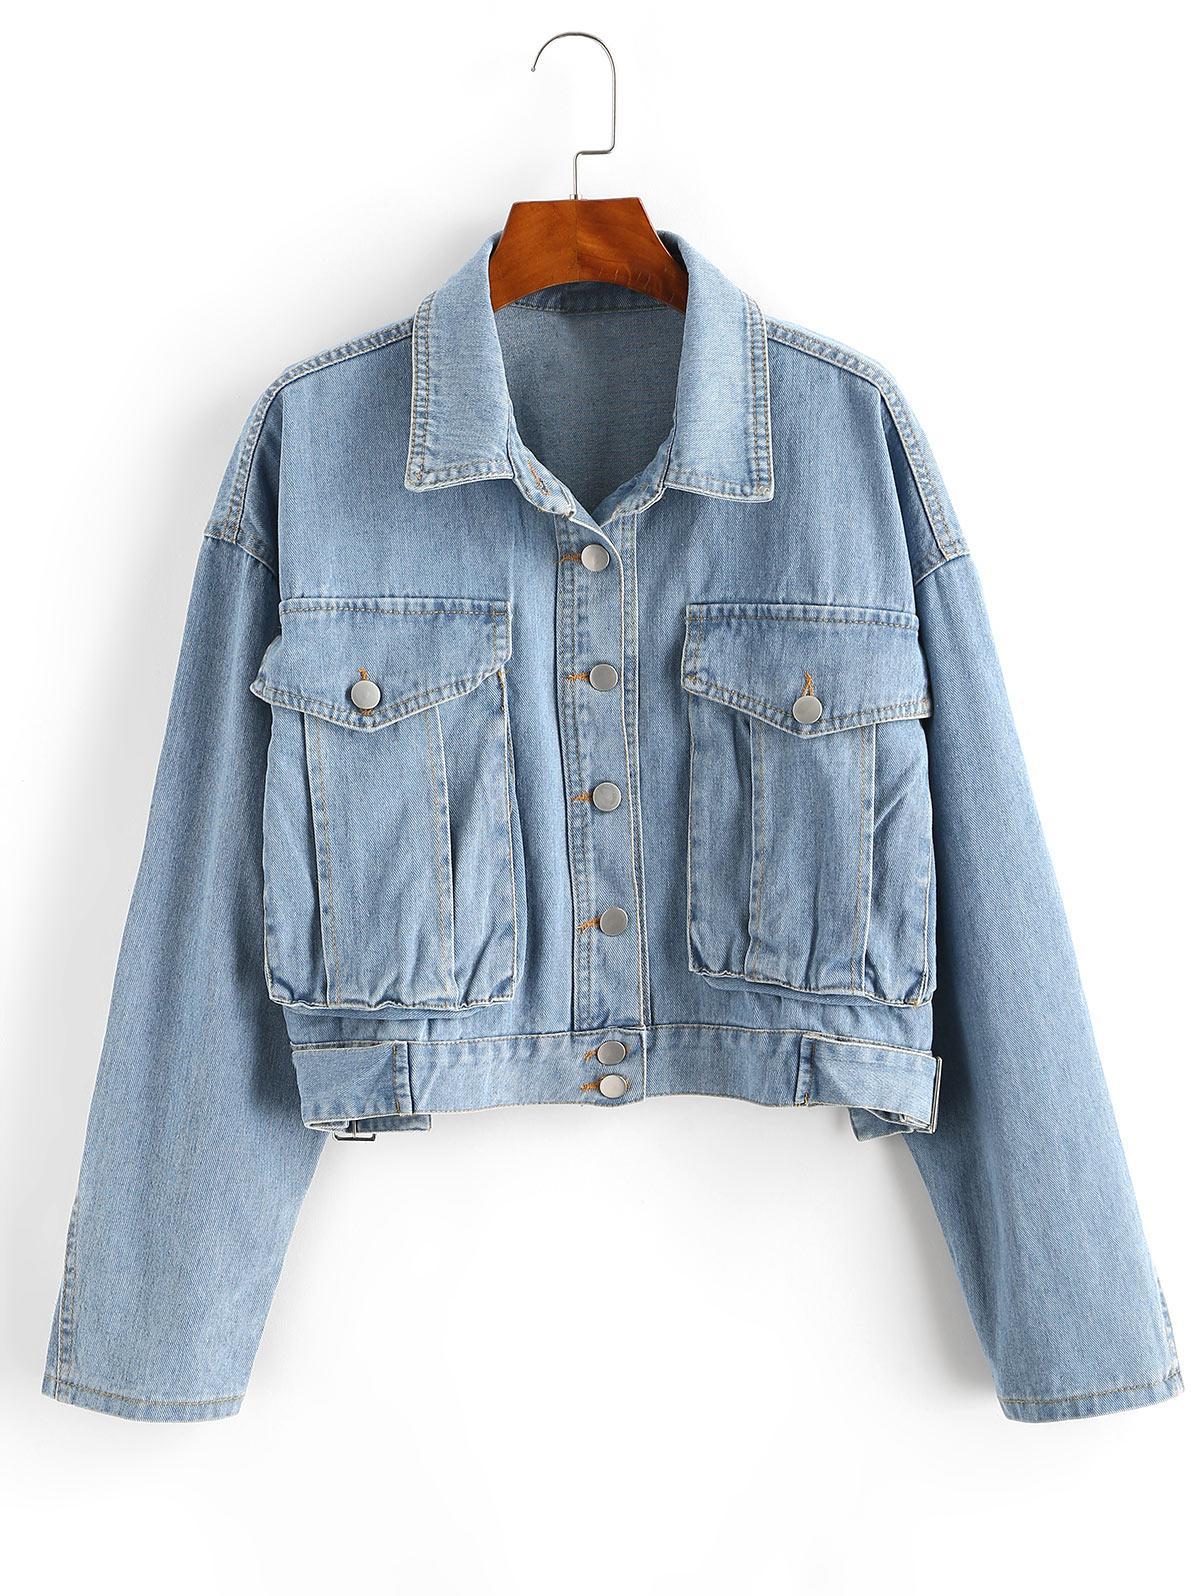 Drop Shoulder Pocket Buckle Embellished Denim Jacket